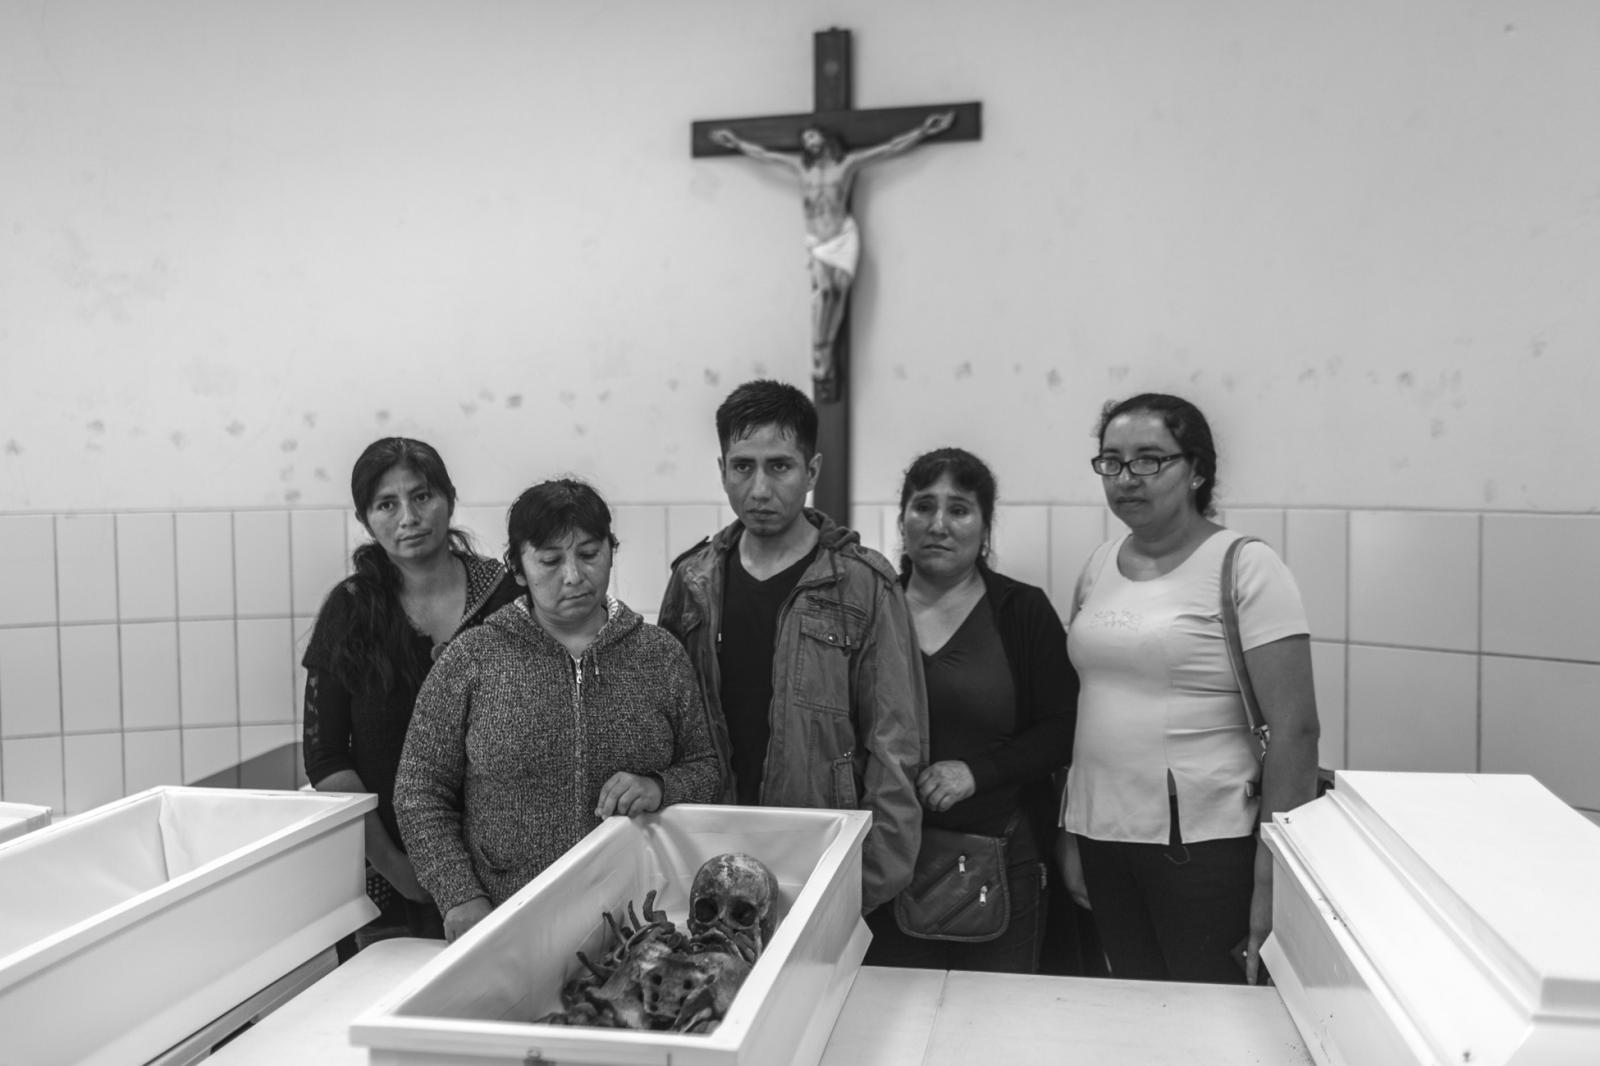 Deudos de Catalina Limaco Cisneros, posar para el registro judicial durante la entrega de los restos de 4 miembros de la familia Morales, quienes fueron asesinados por el grupo terrorista Sendero Luminoso el año 1984 en la localidad de Ocros, Ayacucho.